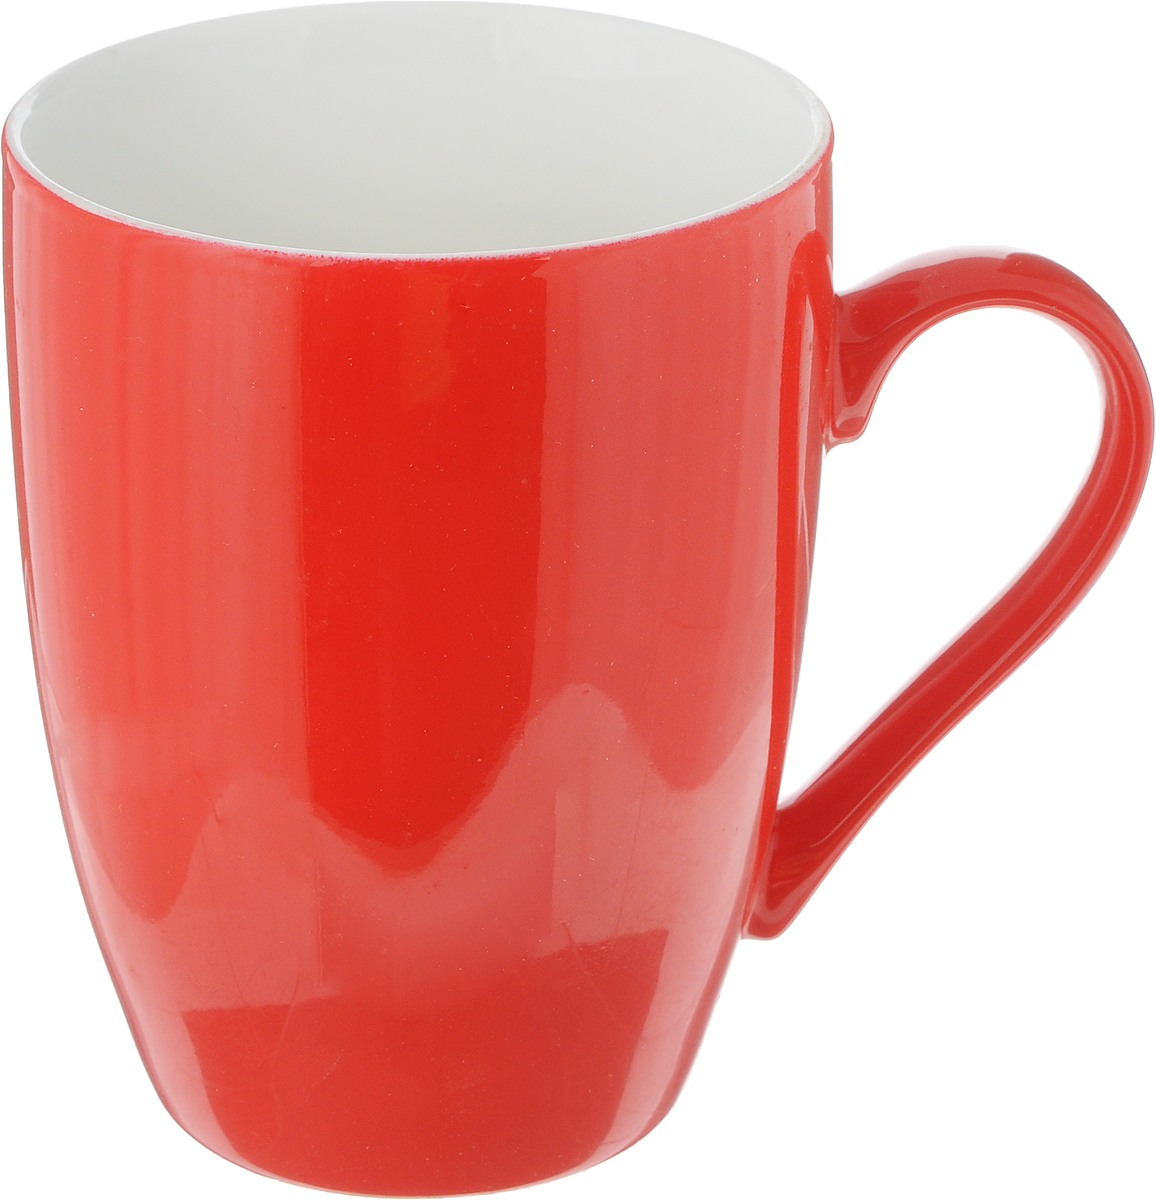 Кружка Доляна Радуга, цвет: красный, белый, 300 млFS-91909Кружка Доляна Радуга изготовлена из высококачественной керамики. Изделие оформлено ярким дизайном и покрыто превосходной сверкающей глазурью. Изысканная кружка прекрасно оформит стол к чаепитию и станет его неизменным атрибутом.Диаметр кружки (по верхнему краю): 8 см.Высота кружки: 10,5 см.